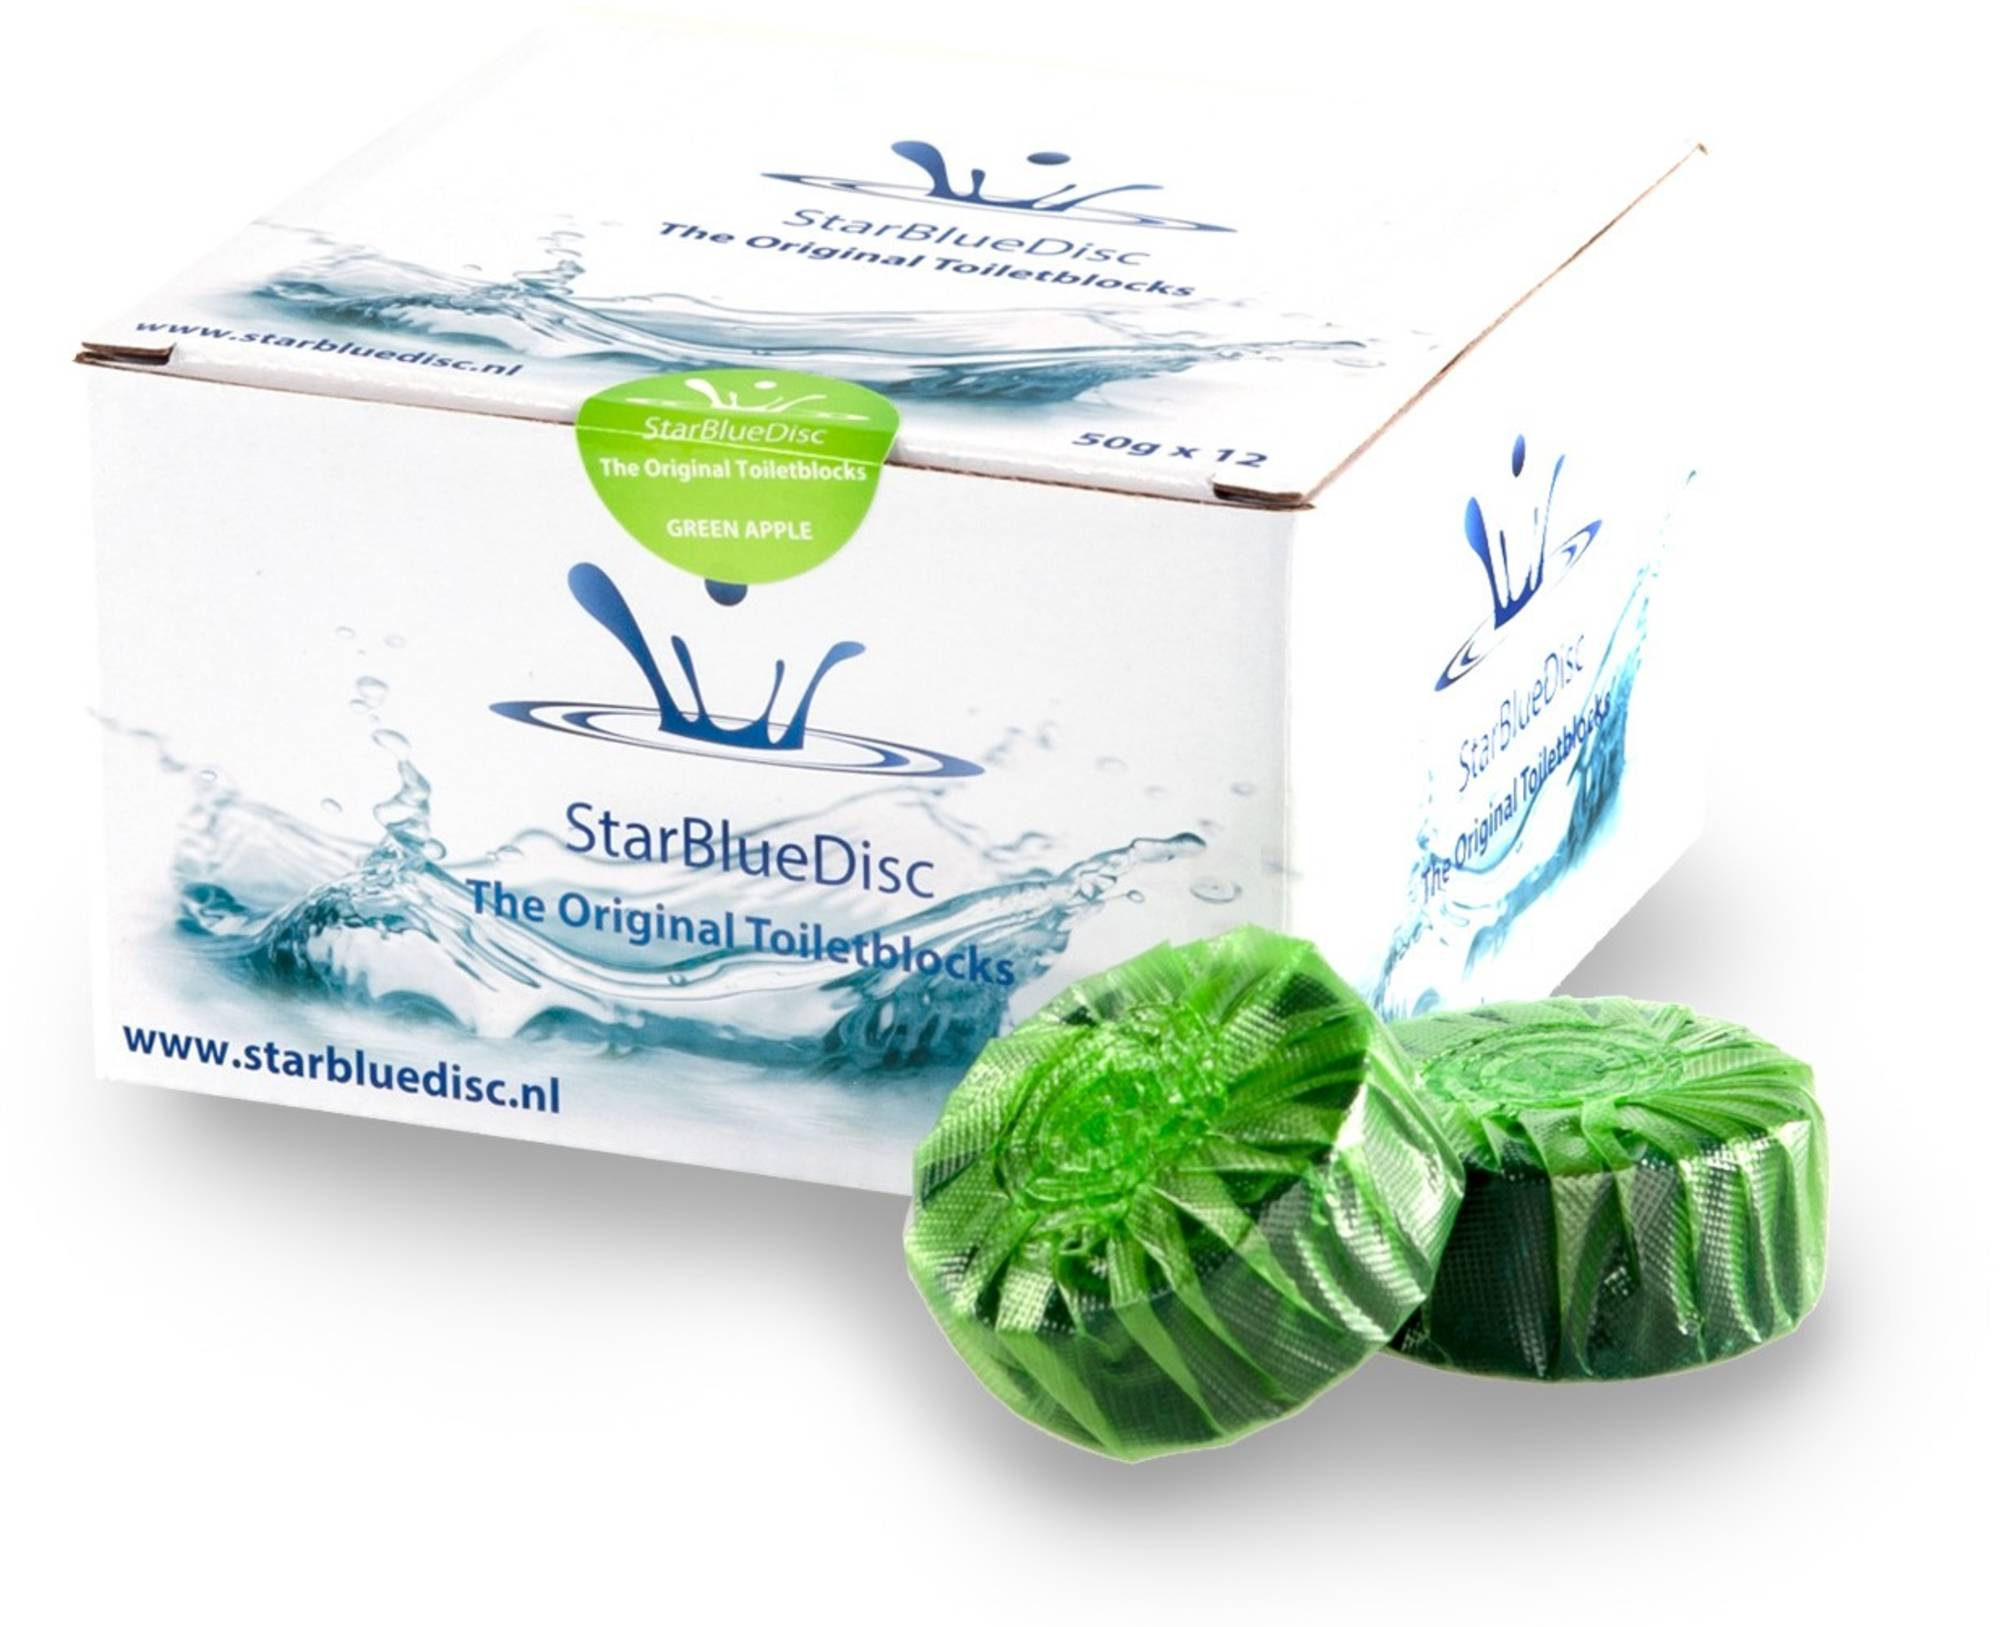 StarBlueDisc 12 stuks toiletblokjes halfjaar verpakking Groen